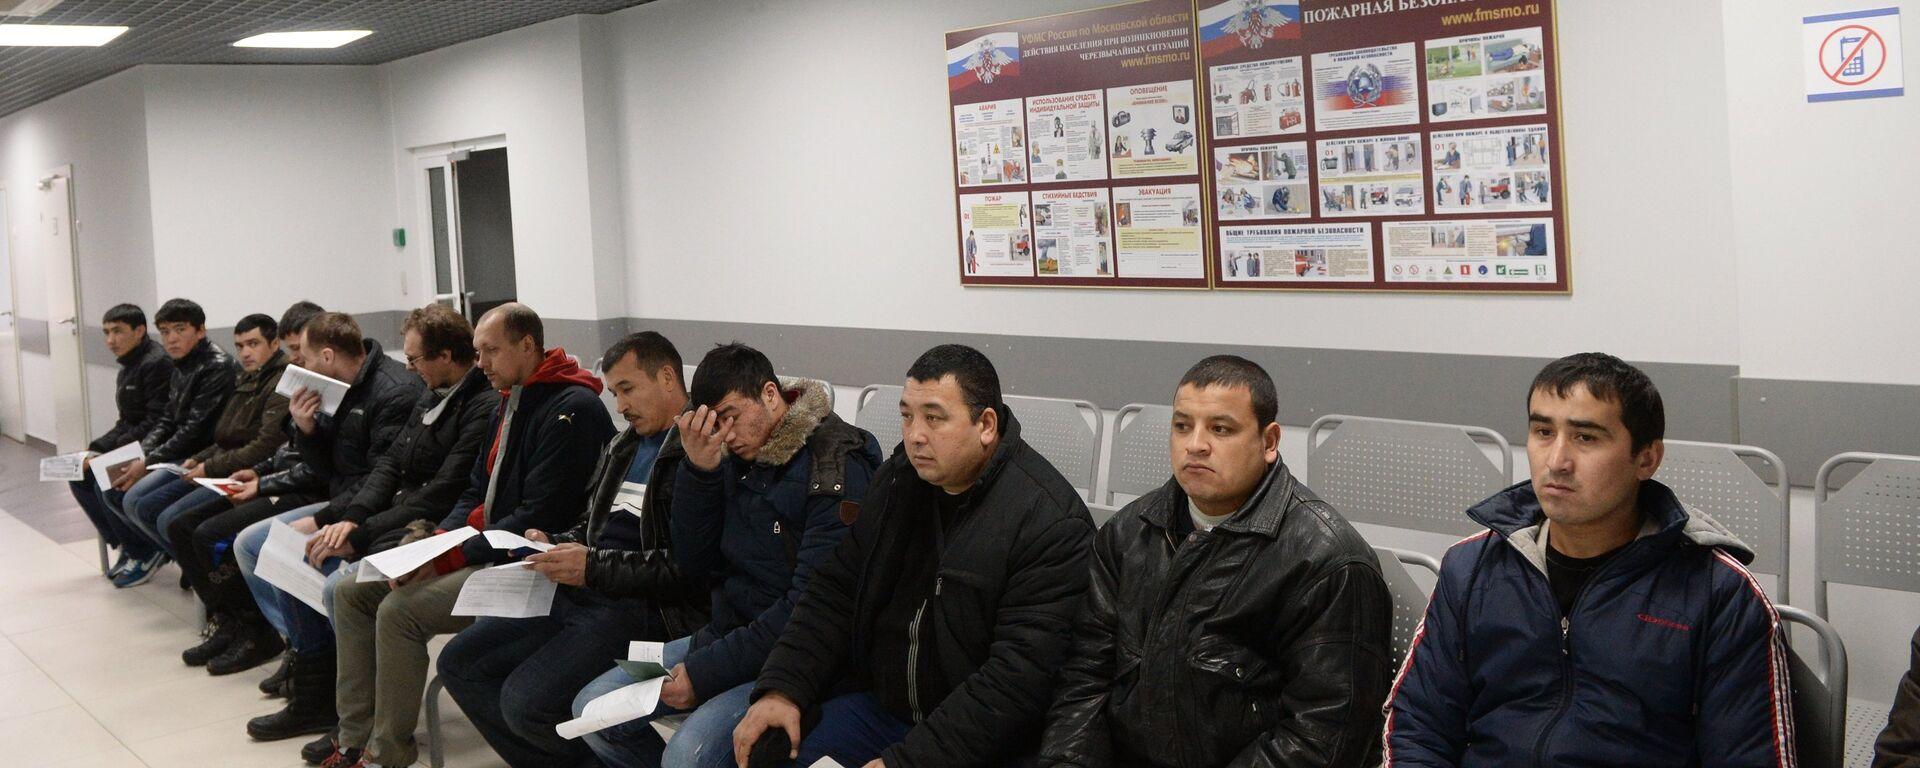 Иностранные граждане в очереди на дактилоскопическую регистрацию, архивное фото - Sputnik Таджикистан, 1920, 11.06.2021